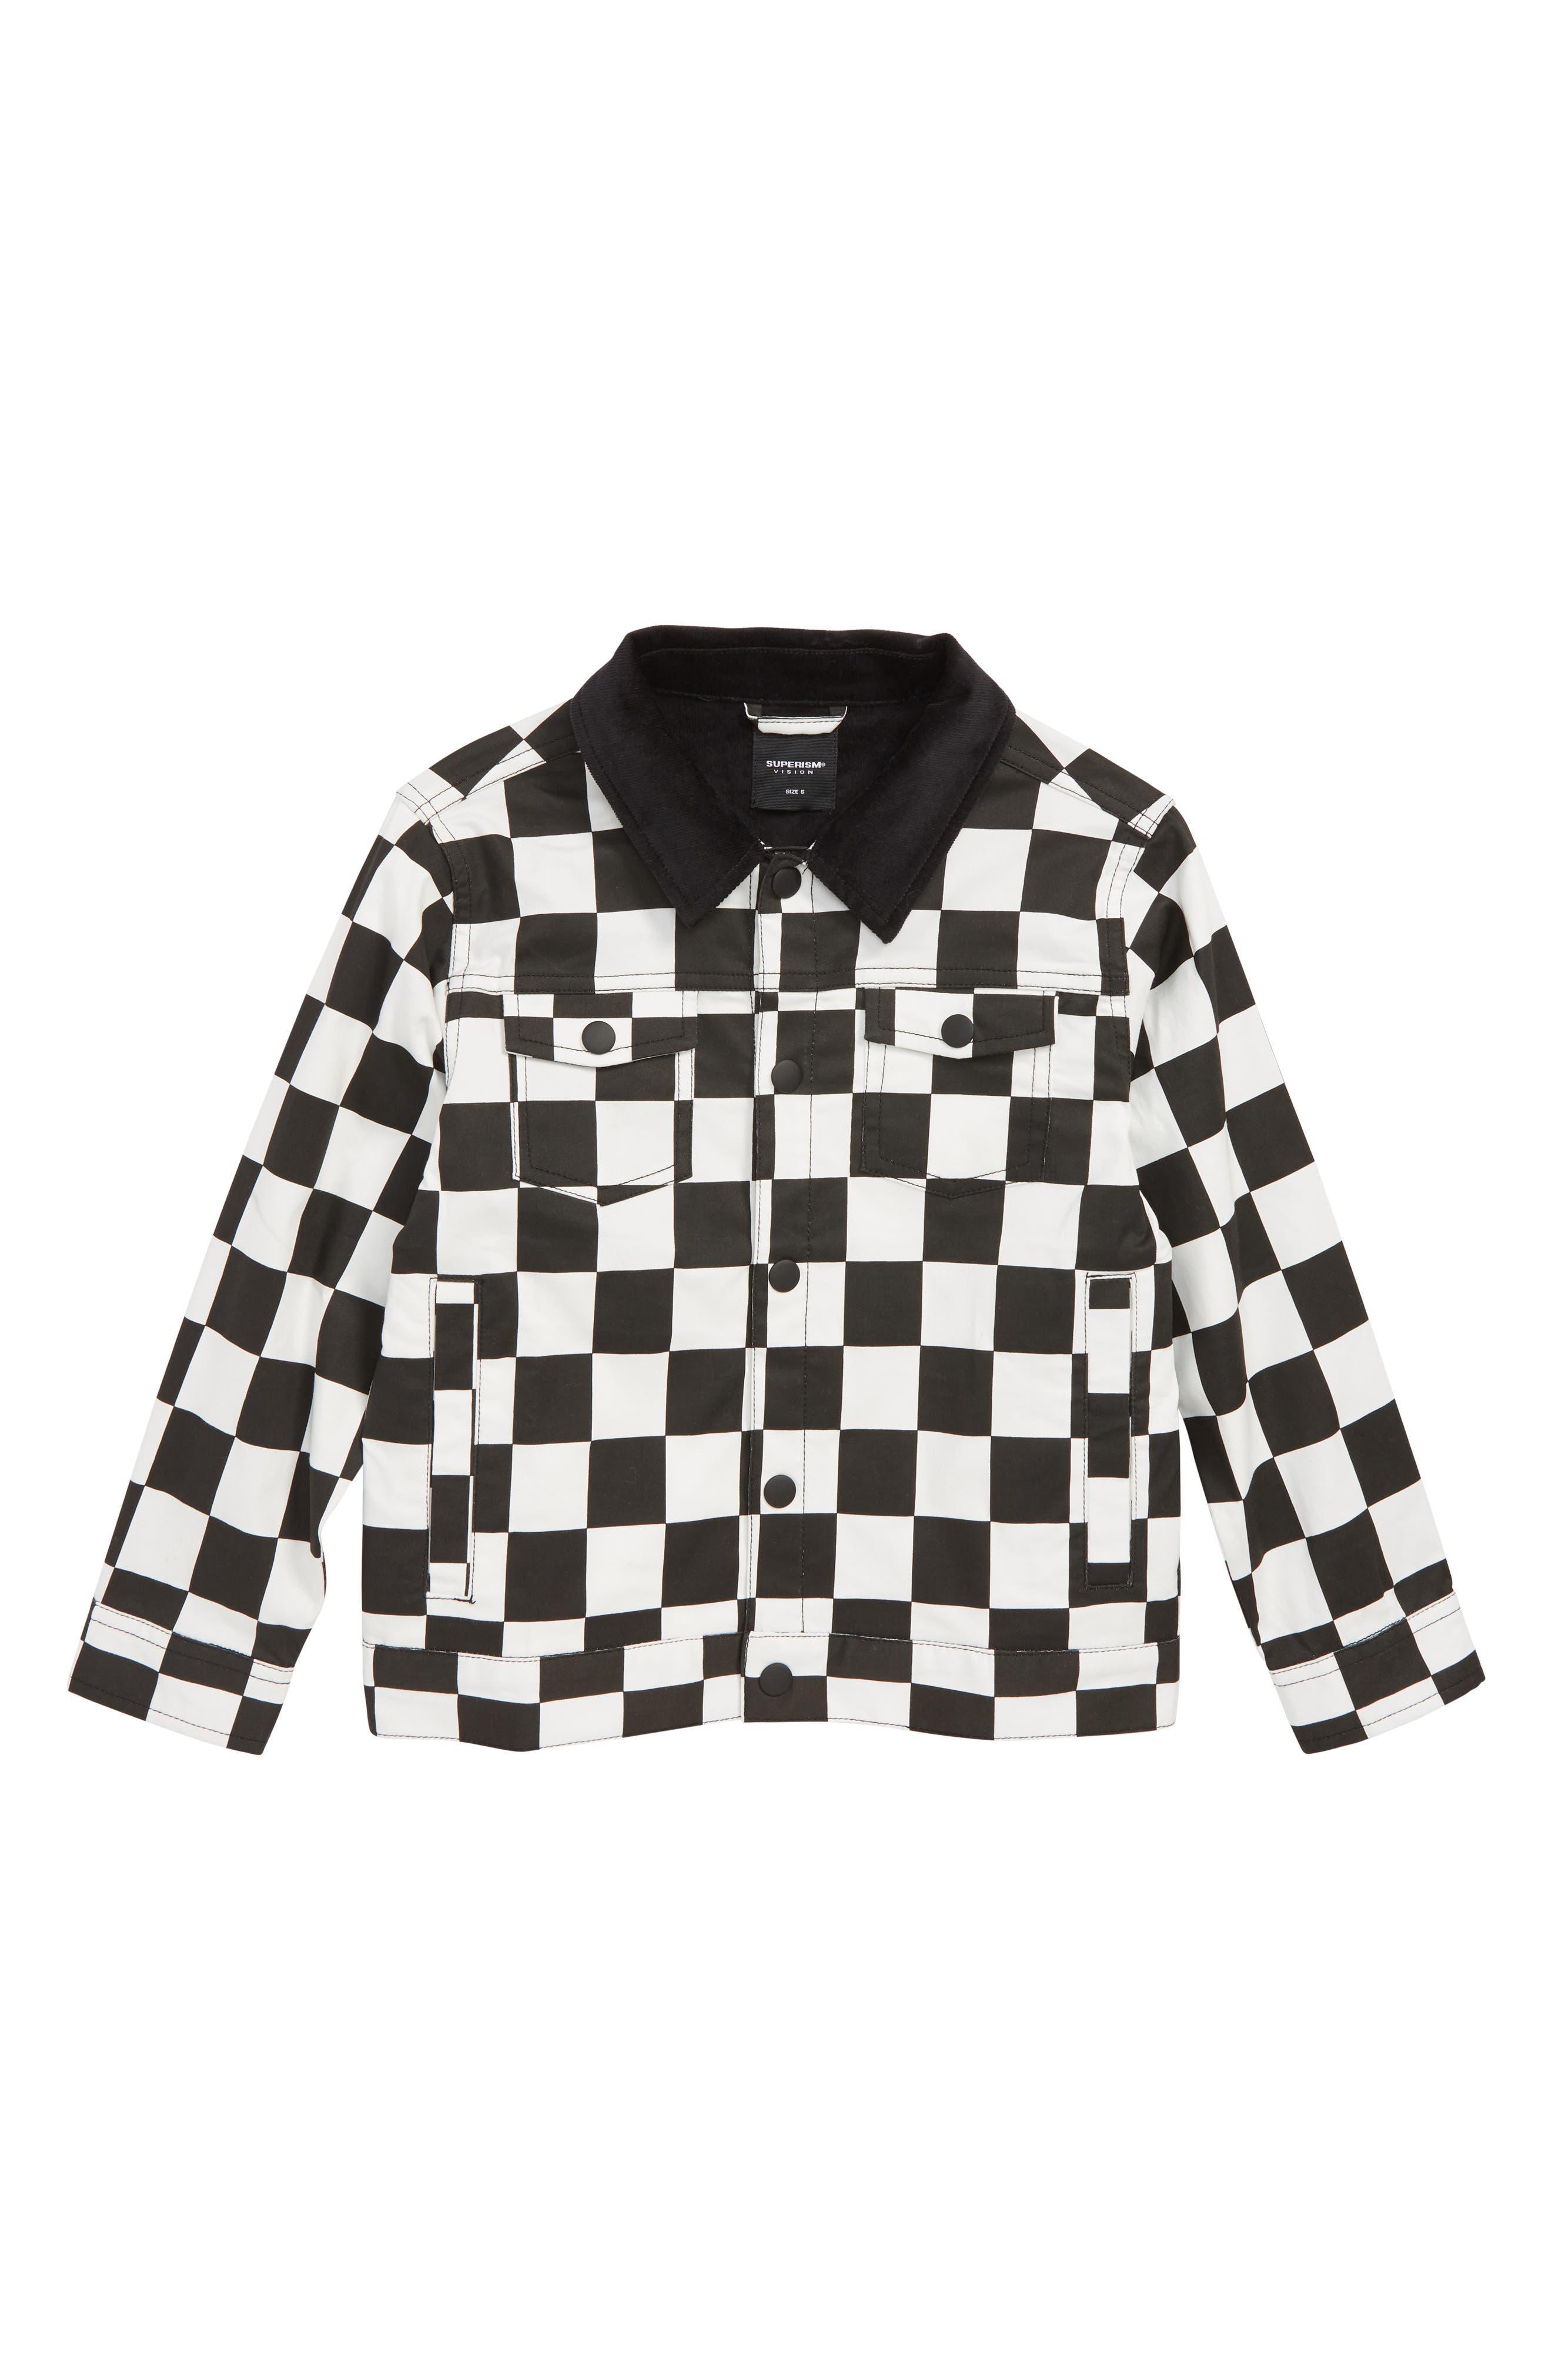 Colton Checkerboard Jacket,                             Main thumbnail 1, color,                             BLACK